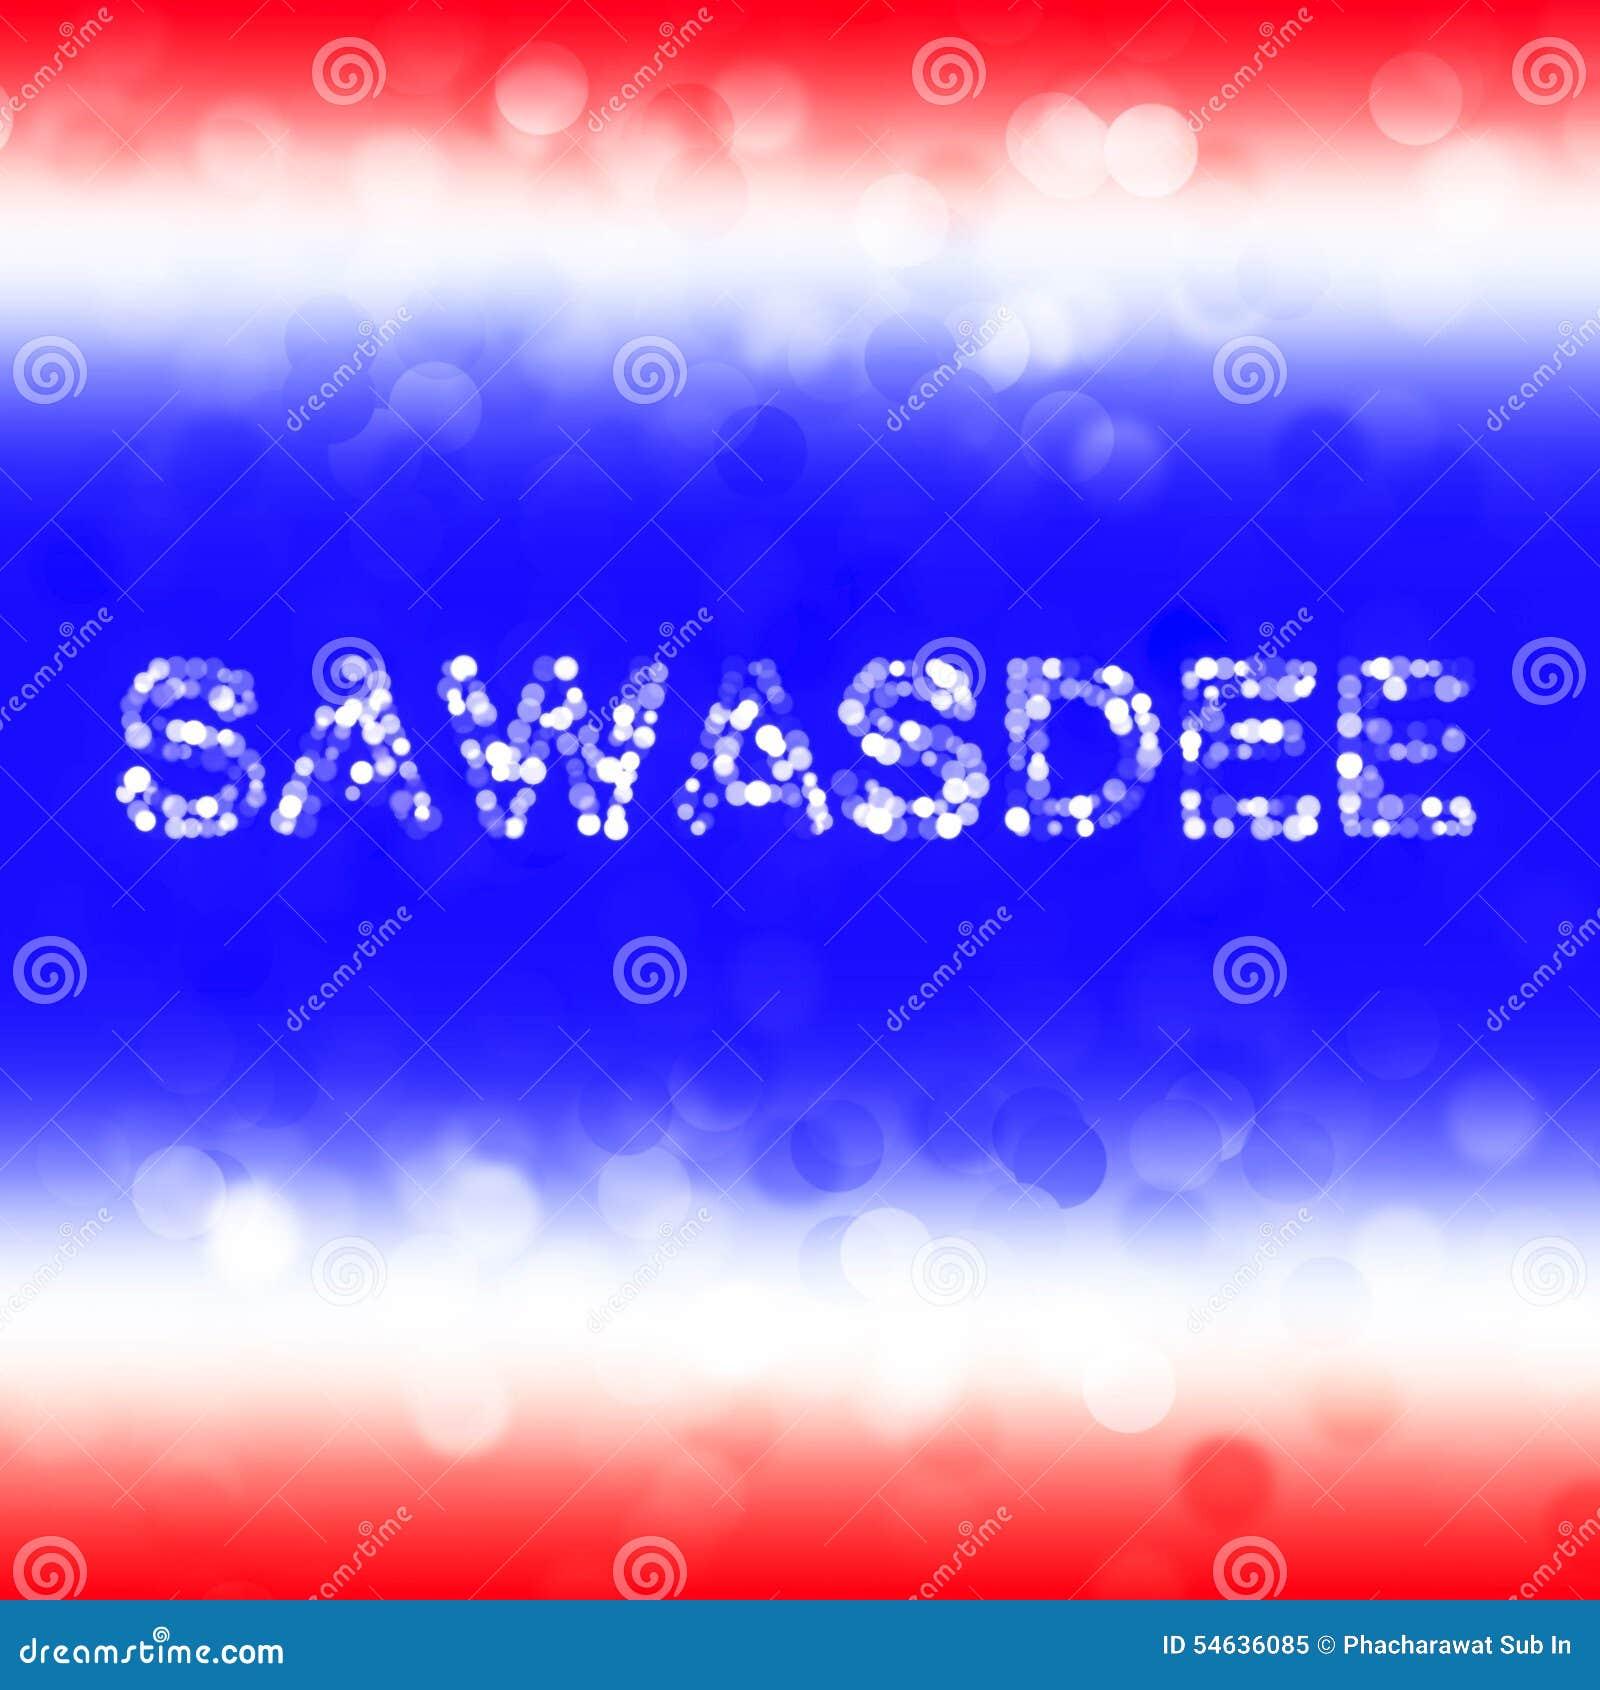 Thailande Carte Langues.Salutation Dans La Langue Thailandaise Sur Le Fond De Lumiere De